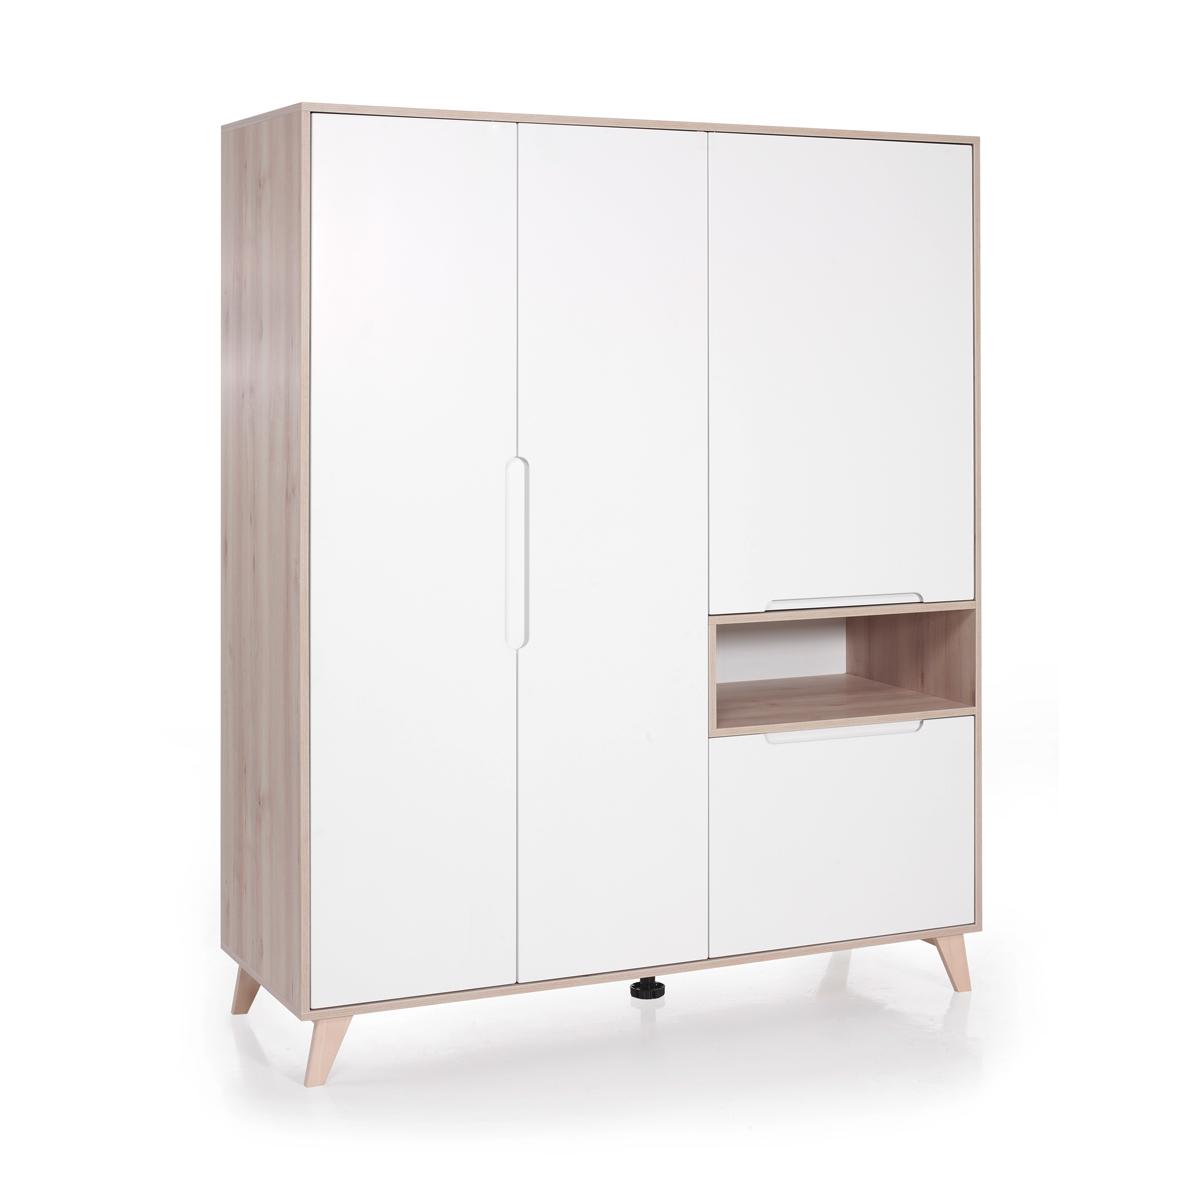 Geuther armoire 3 portes collection mette armoire - L armoire de bebe ...